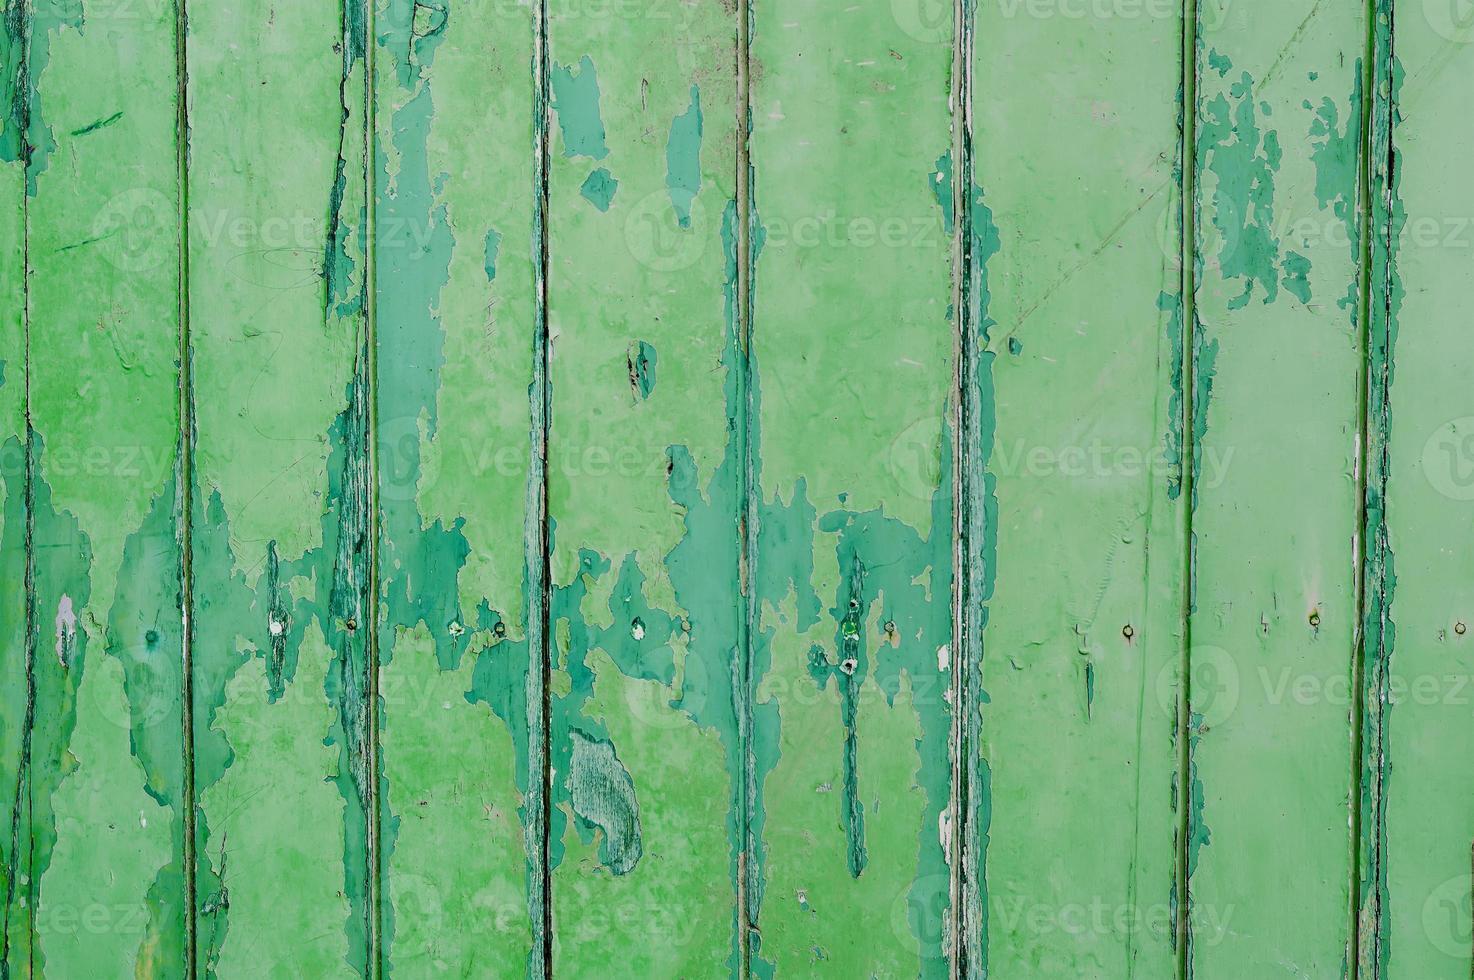 parete in legno verde vernice scrostata foto